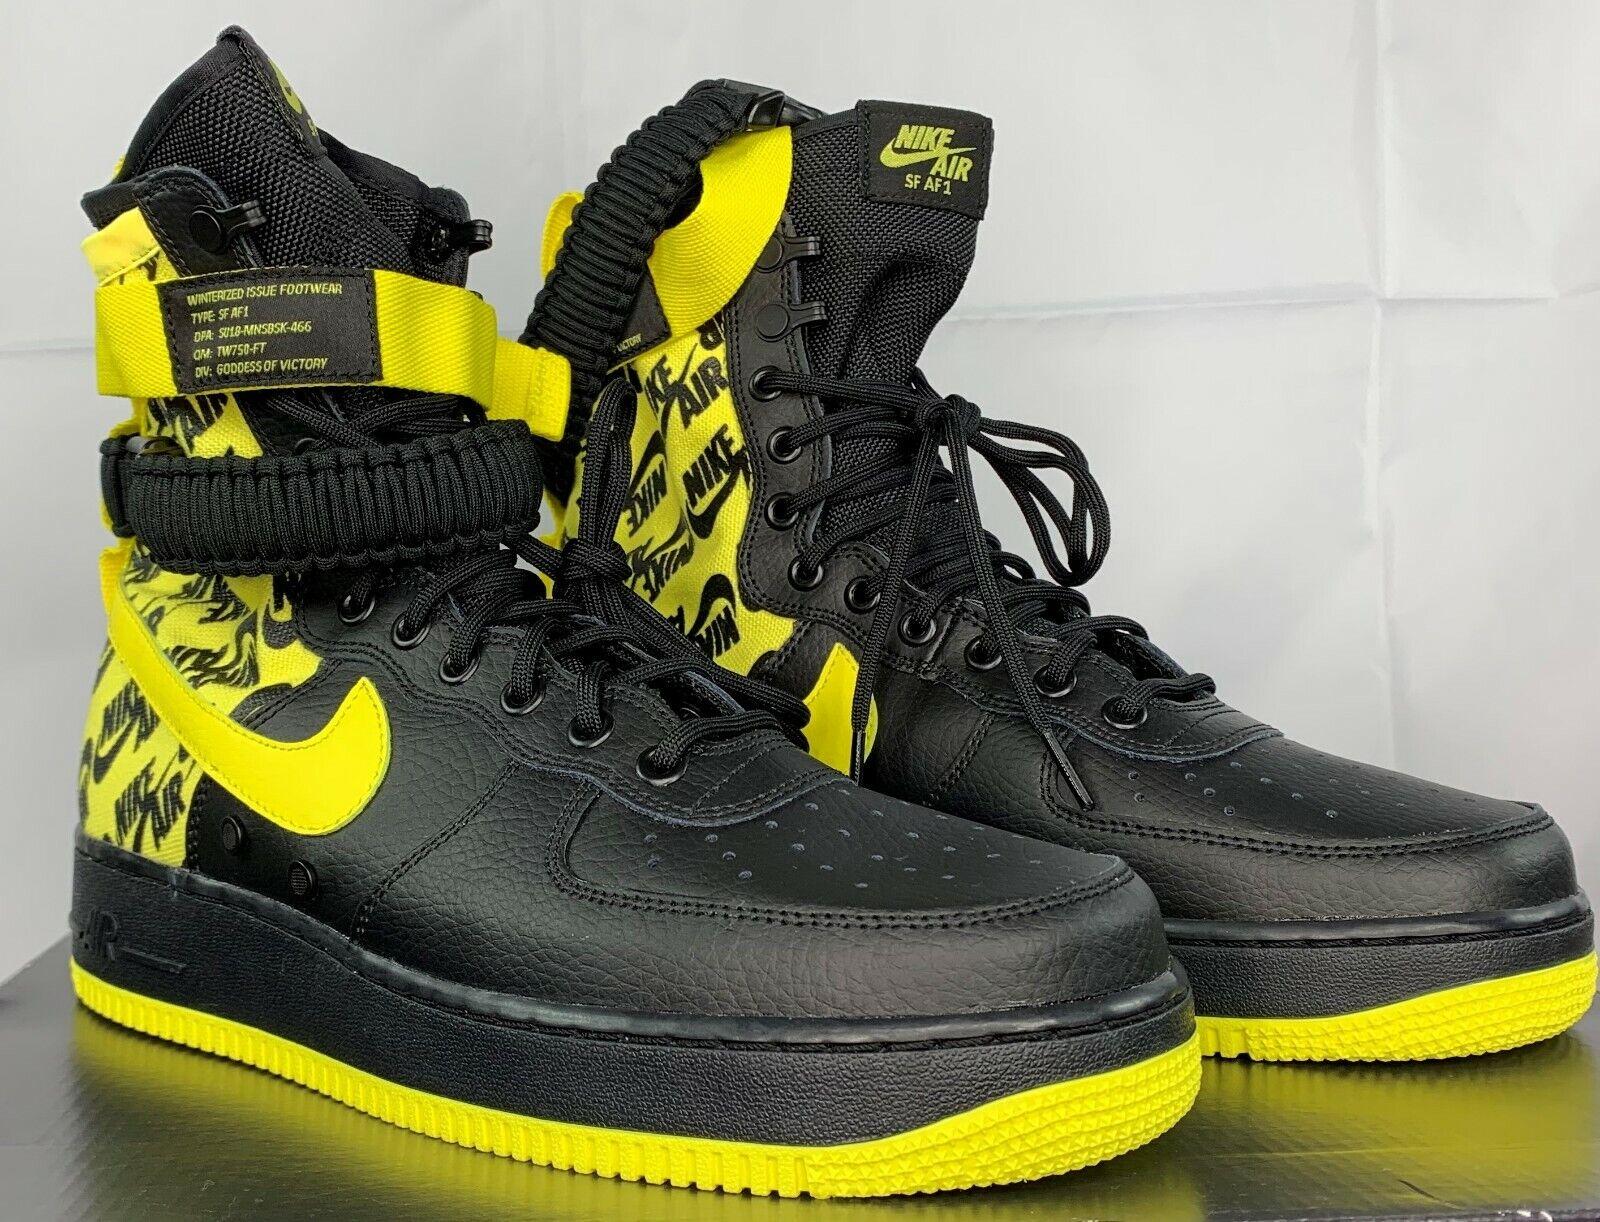 Nike Men's Air Winterized SF AF1 Issued Footwear High Top Shoes Sneakers AR1955